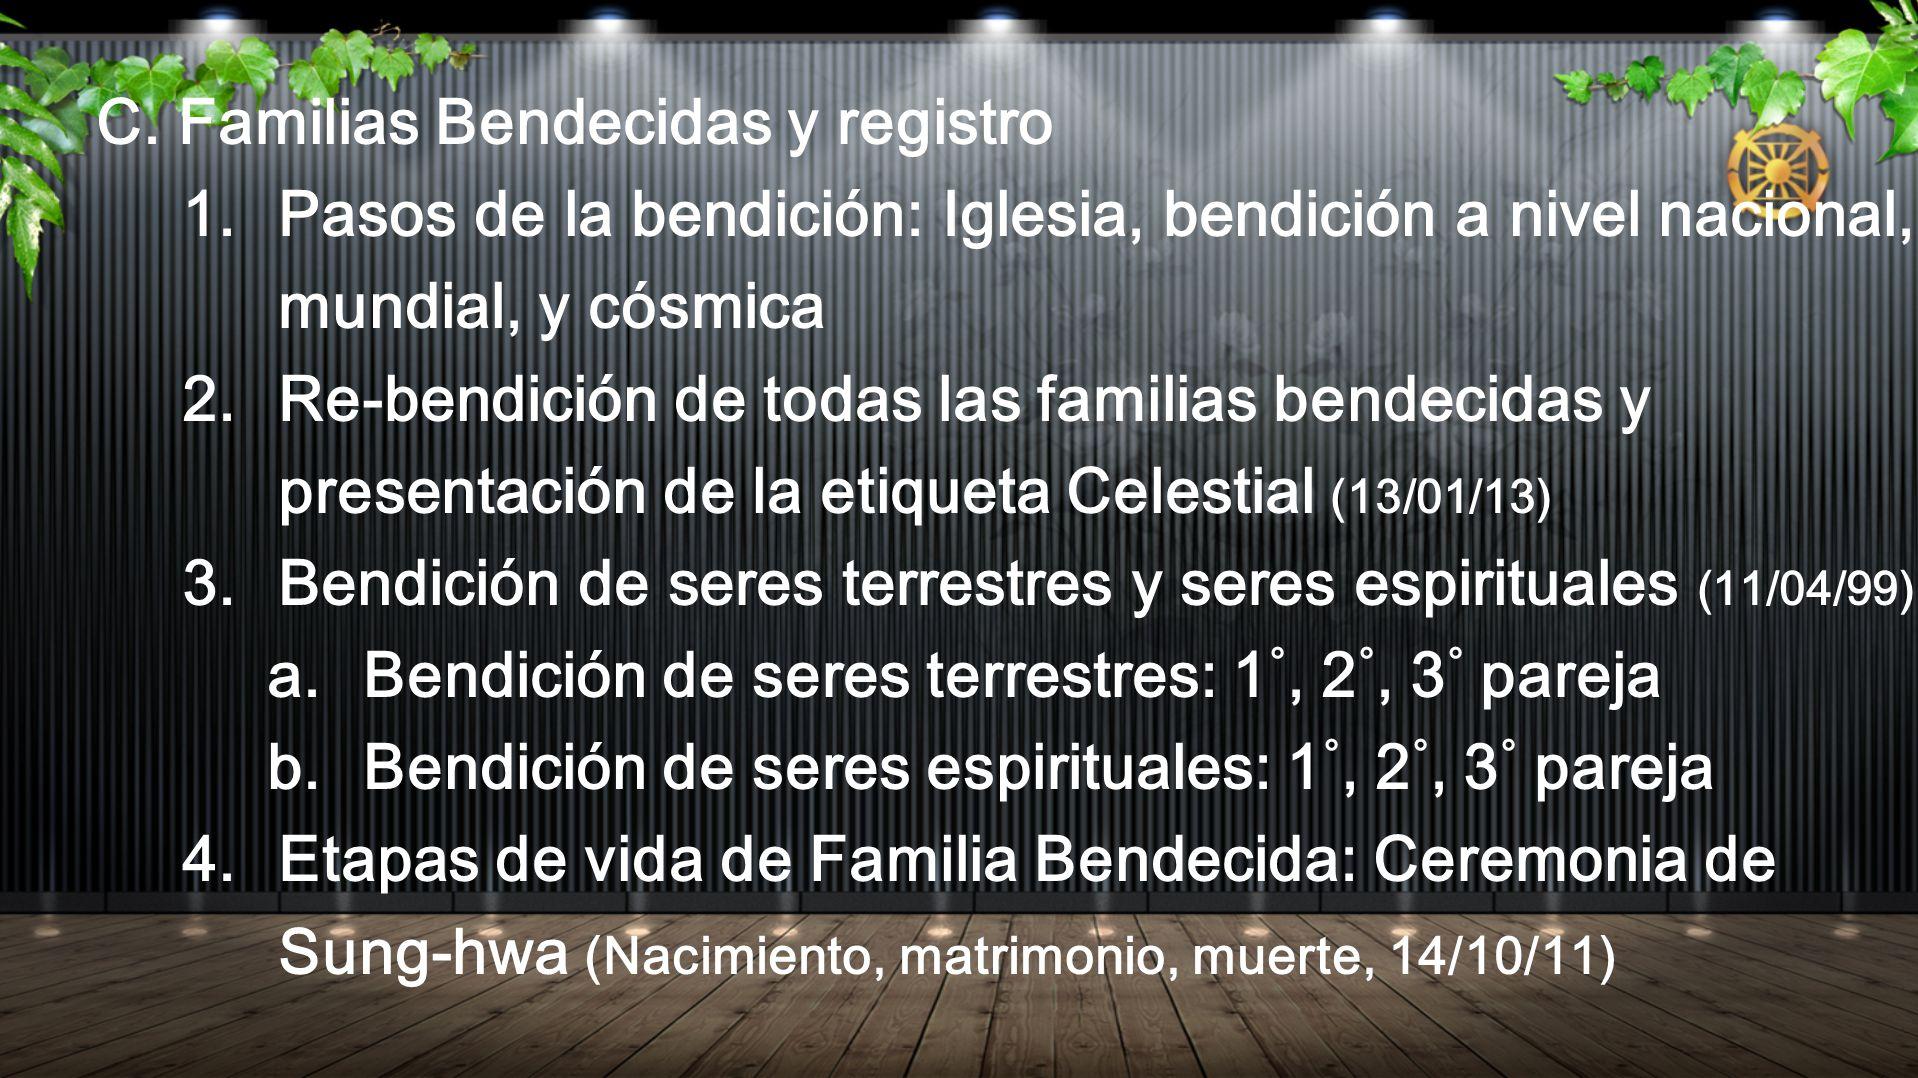 C. Familias Bendecidas y registro 1. Pasos de la bendición: Iglesia, bendición a nivel nacional, mundial, y cósmica 2. Re-bendición de todas las famil